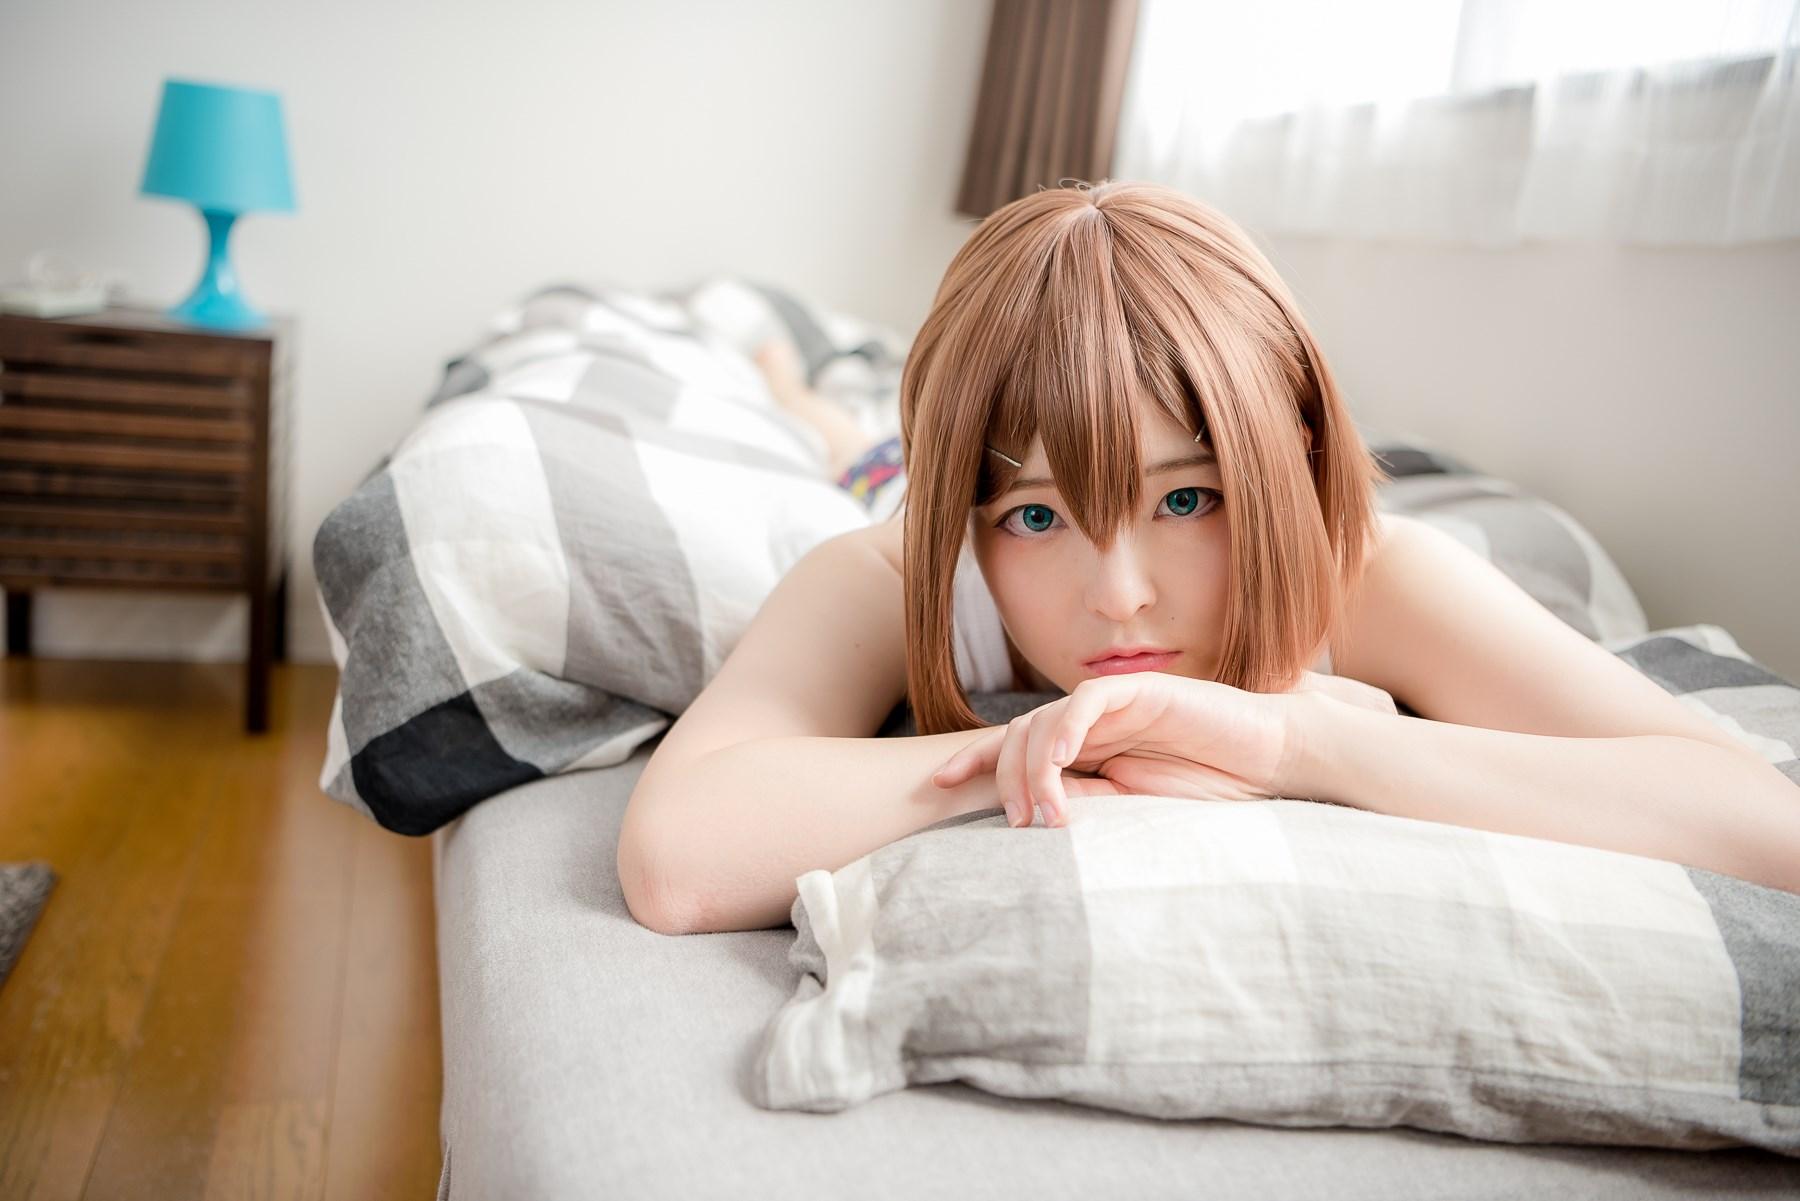 【兔玩映画】宅女周末 兔玩映画 第70张